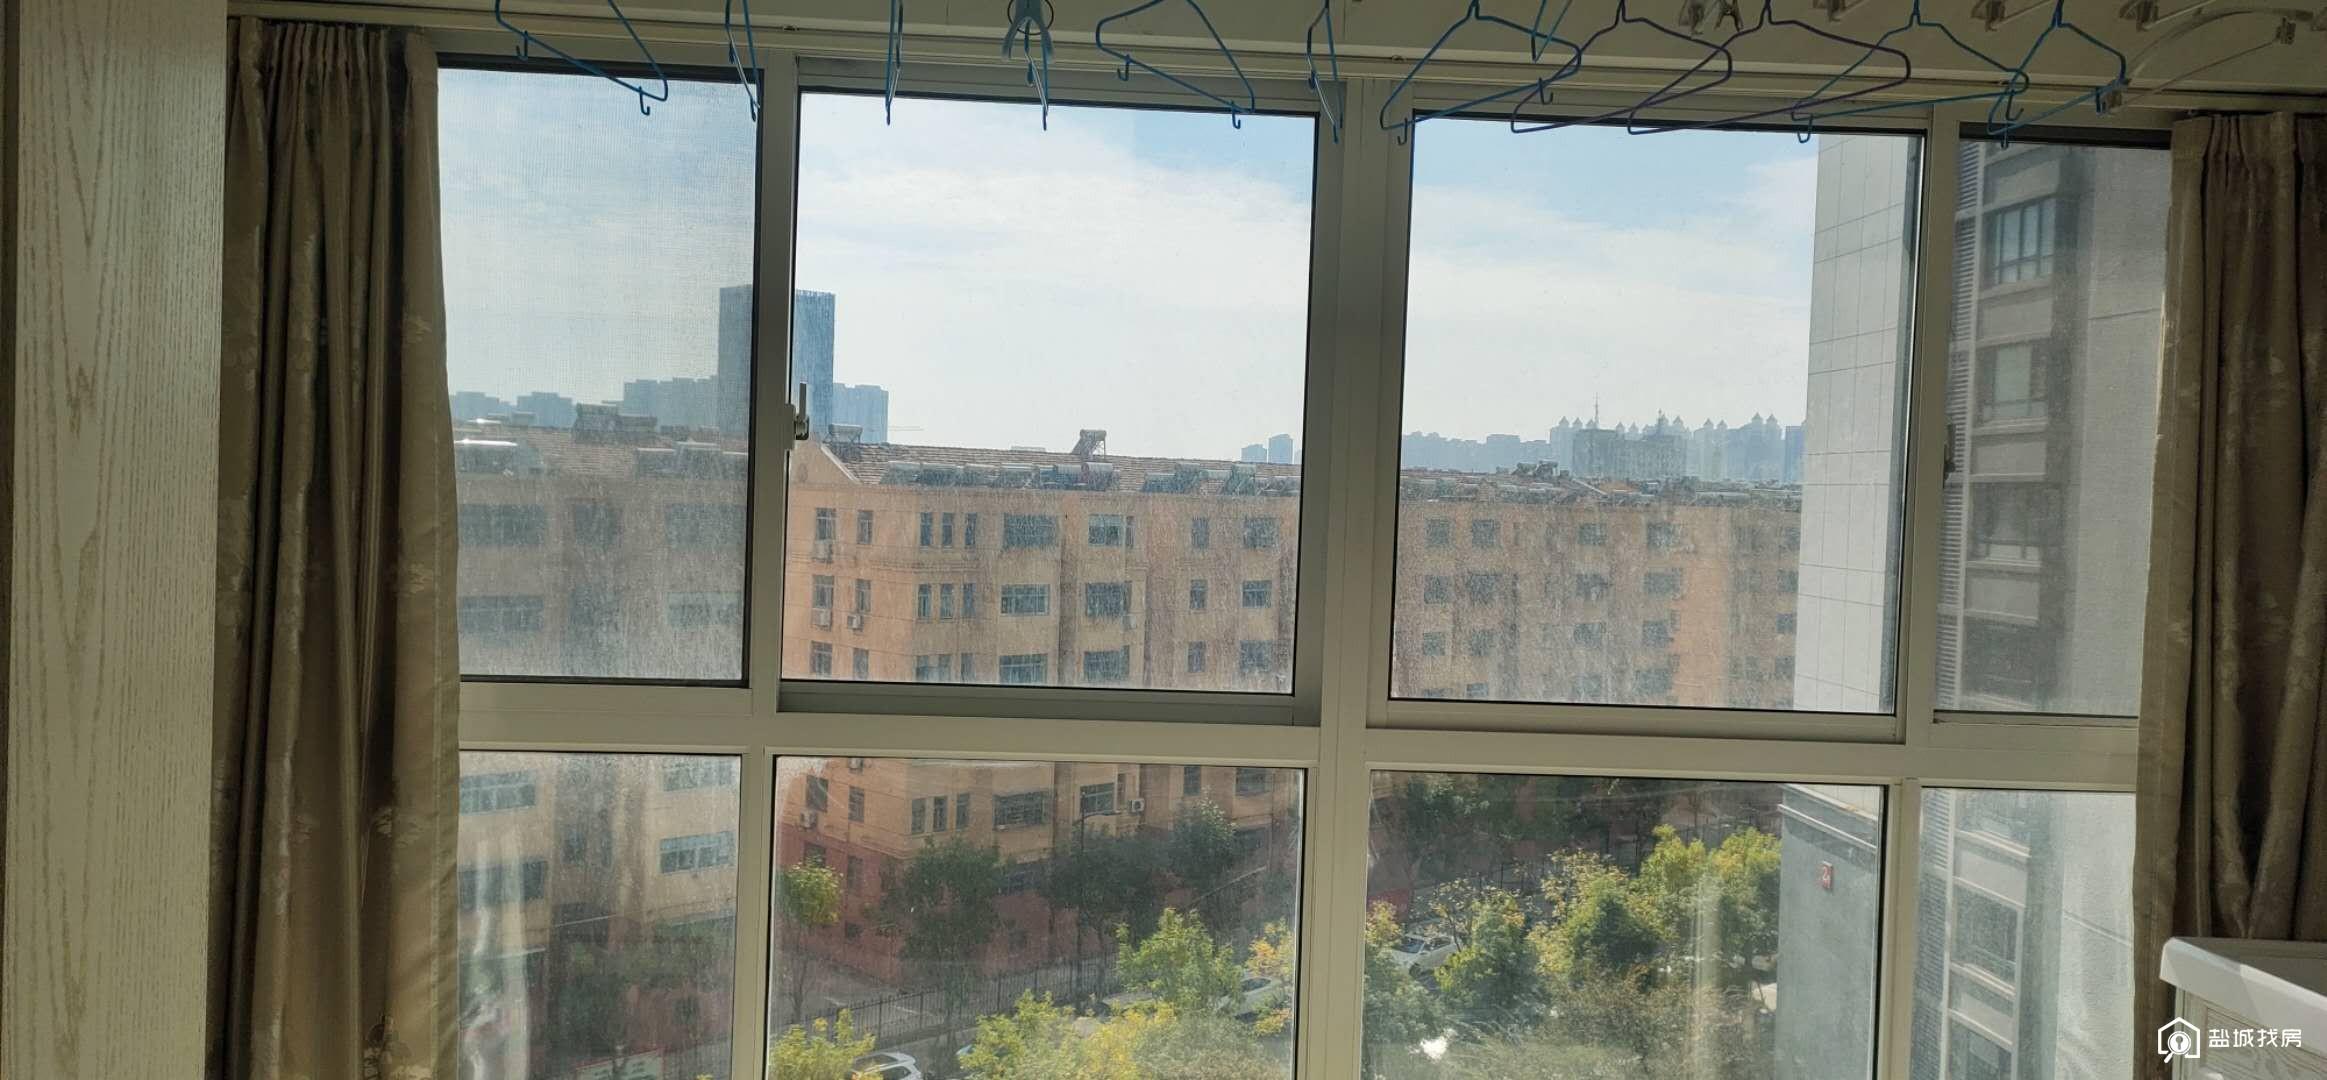 凤凰文化广场I三室两厅一卫电梯房I学区在